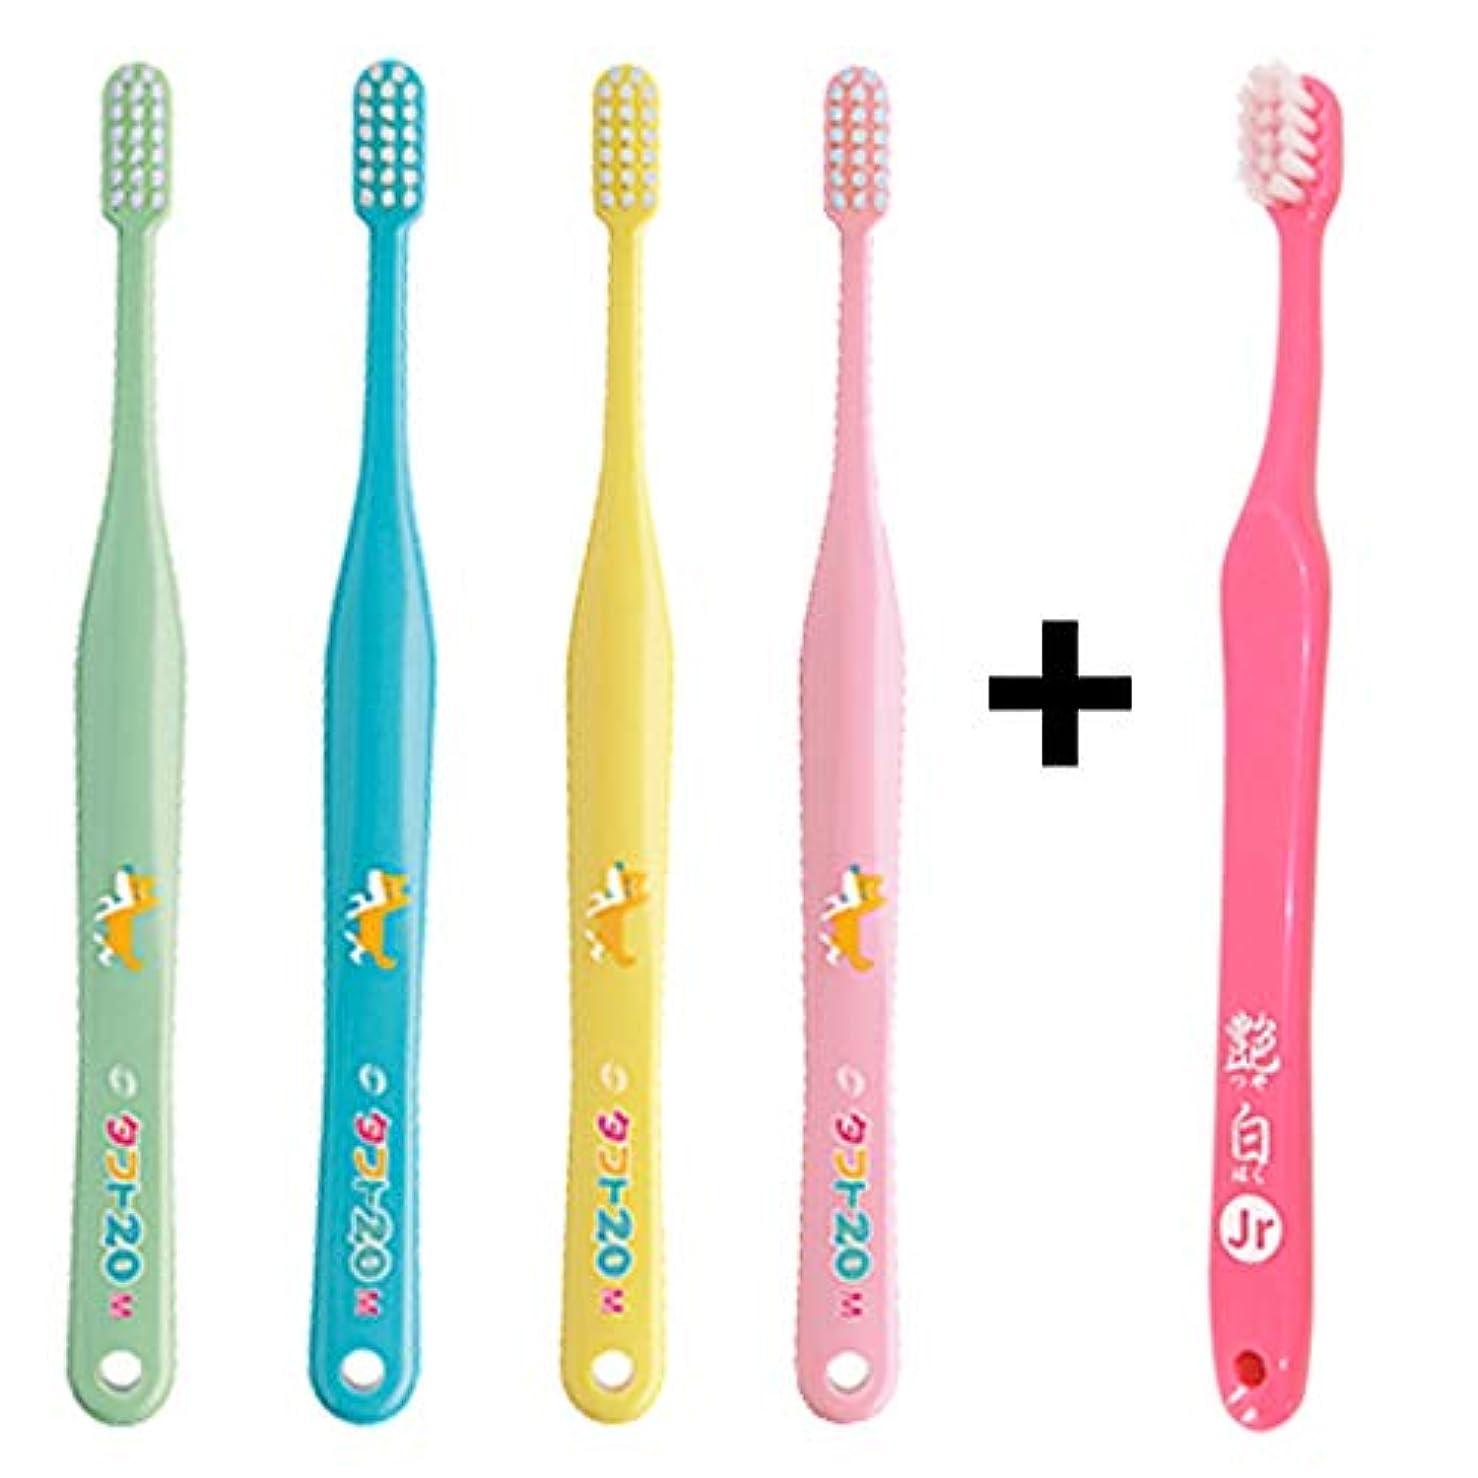 ゲインセイ時期尚早実業家タフト20 M(ふつう) こども 歯ブラシ×10本 + 艶白(つやはく) Jr ジュニア ハブラシ×1本 MS(やややわらかめ) 日本製 歯科専売品